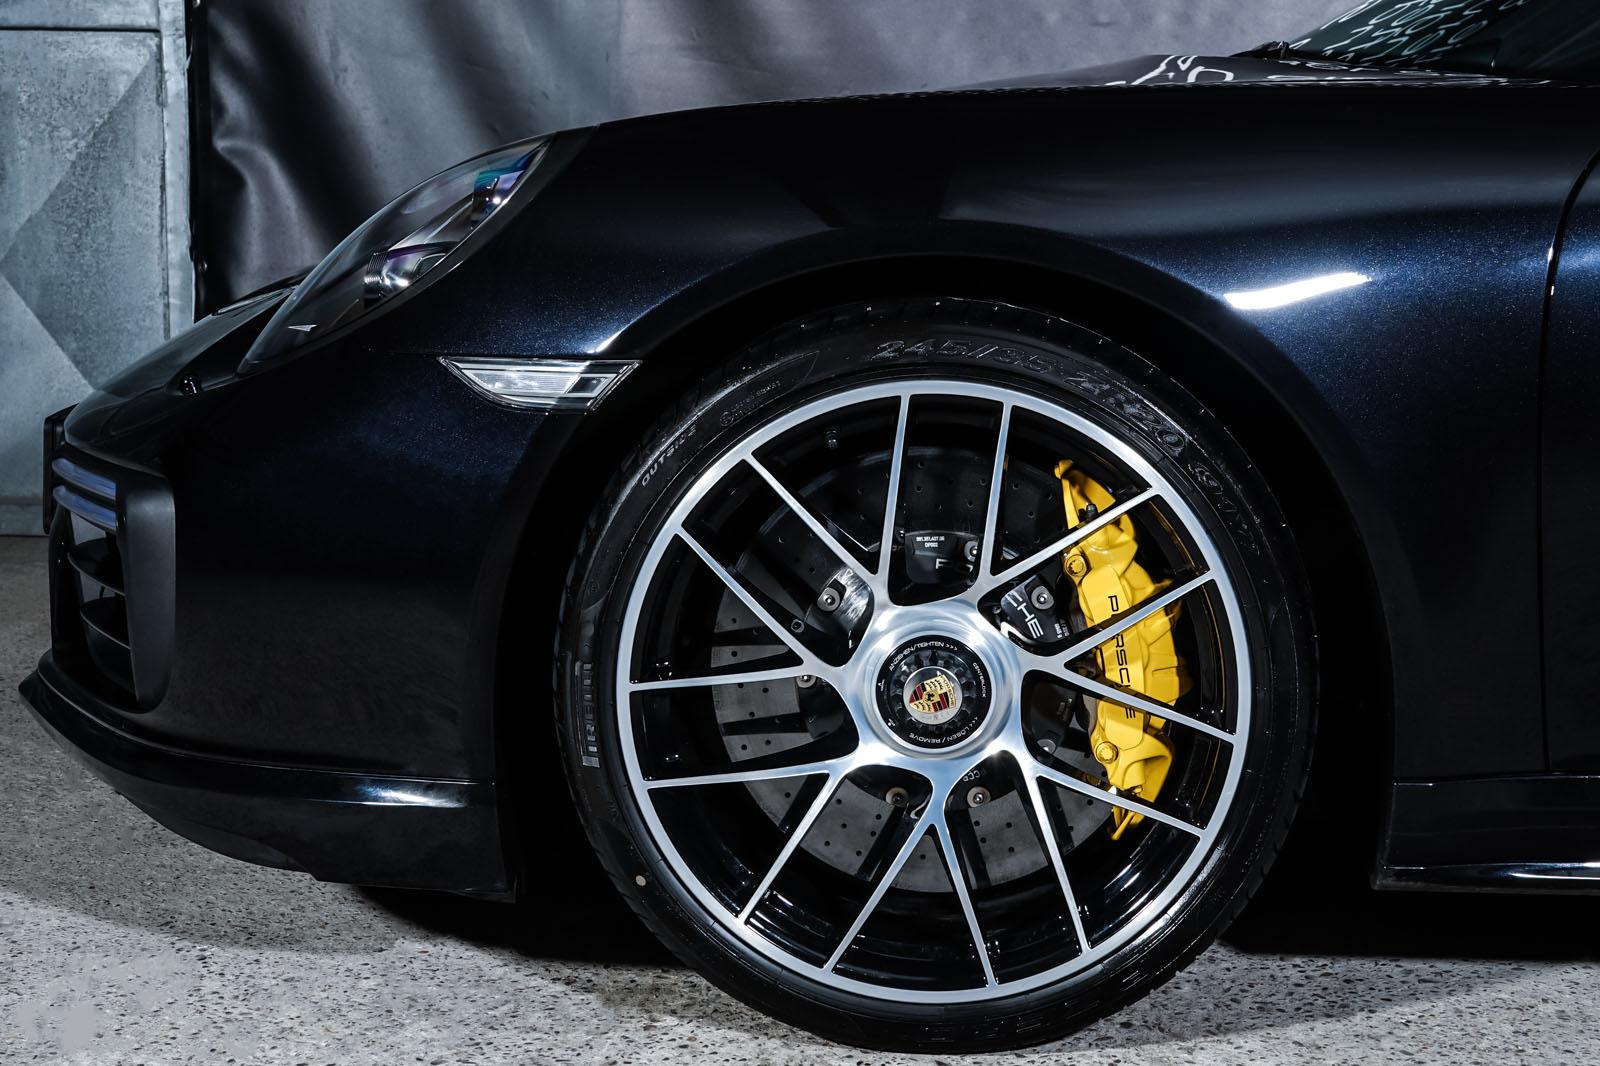 Porsche_991.2_TurboS_Tiefschwarz_Schwarz_POR-2166_3_w